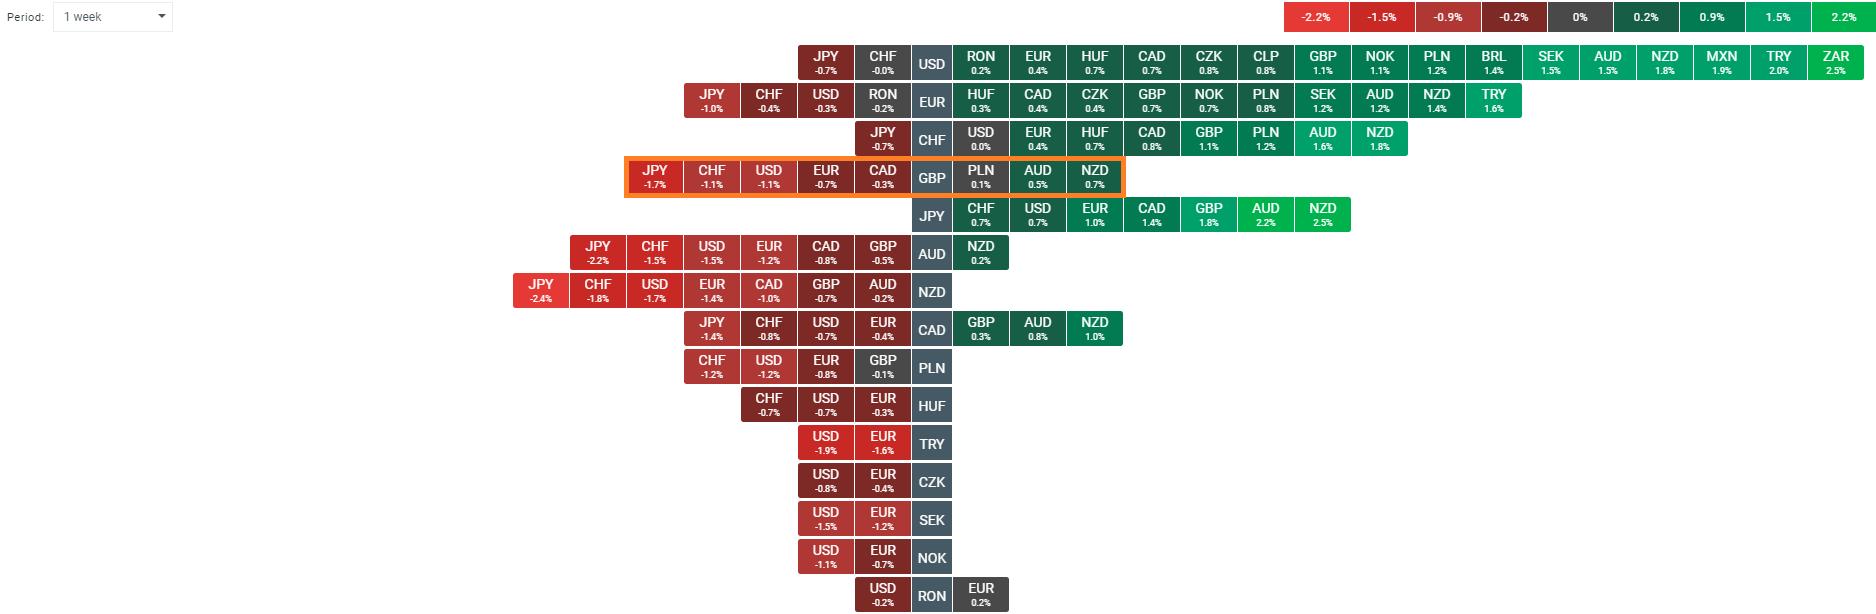 GBP Heatmap